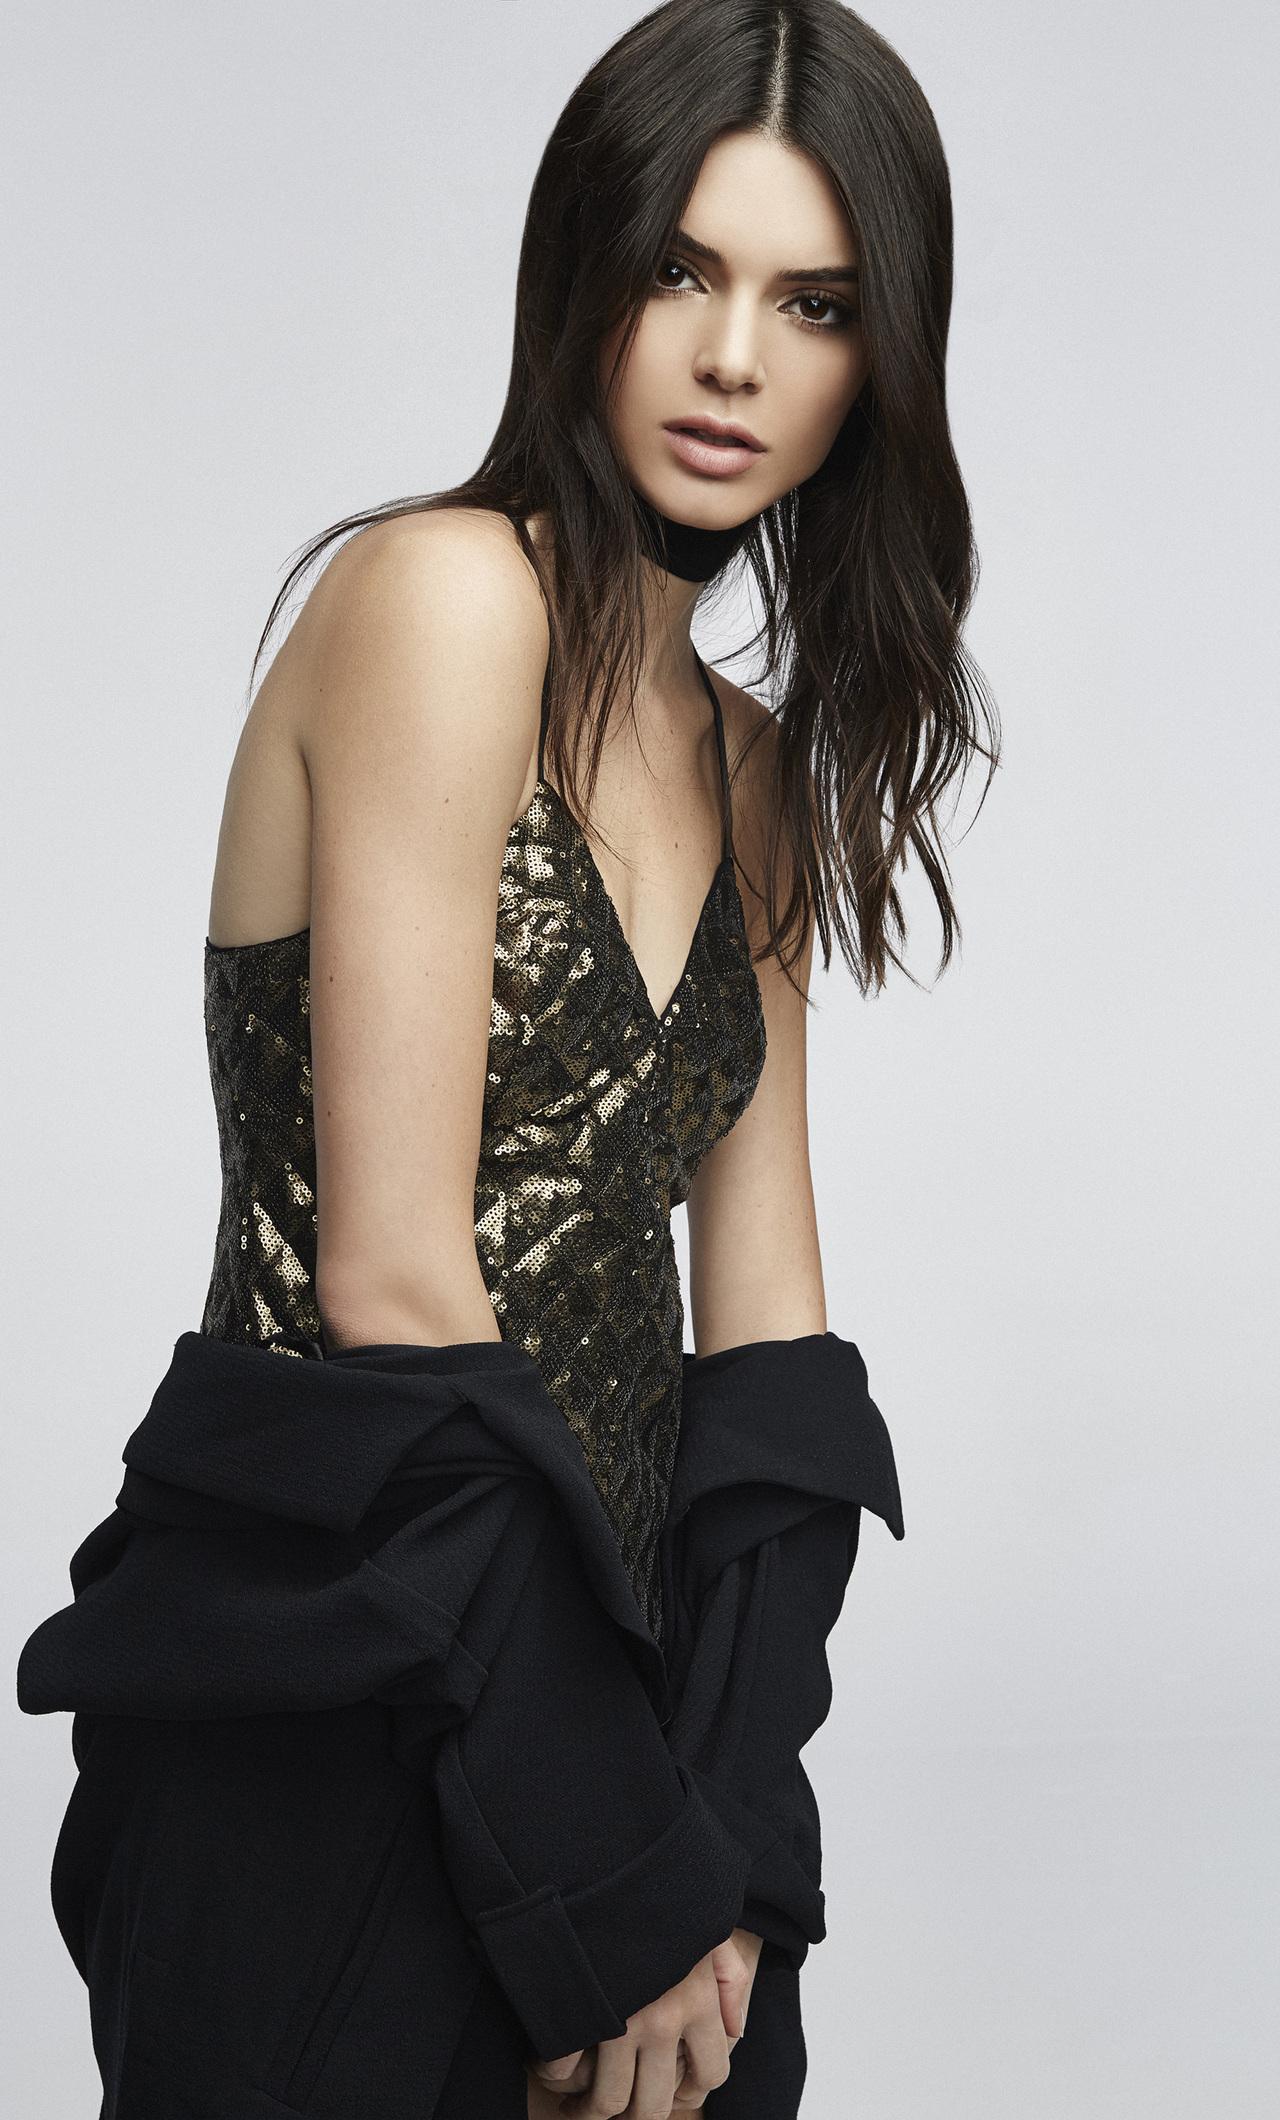 Kendall Jenner 5k 2018 8z